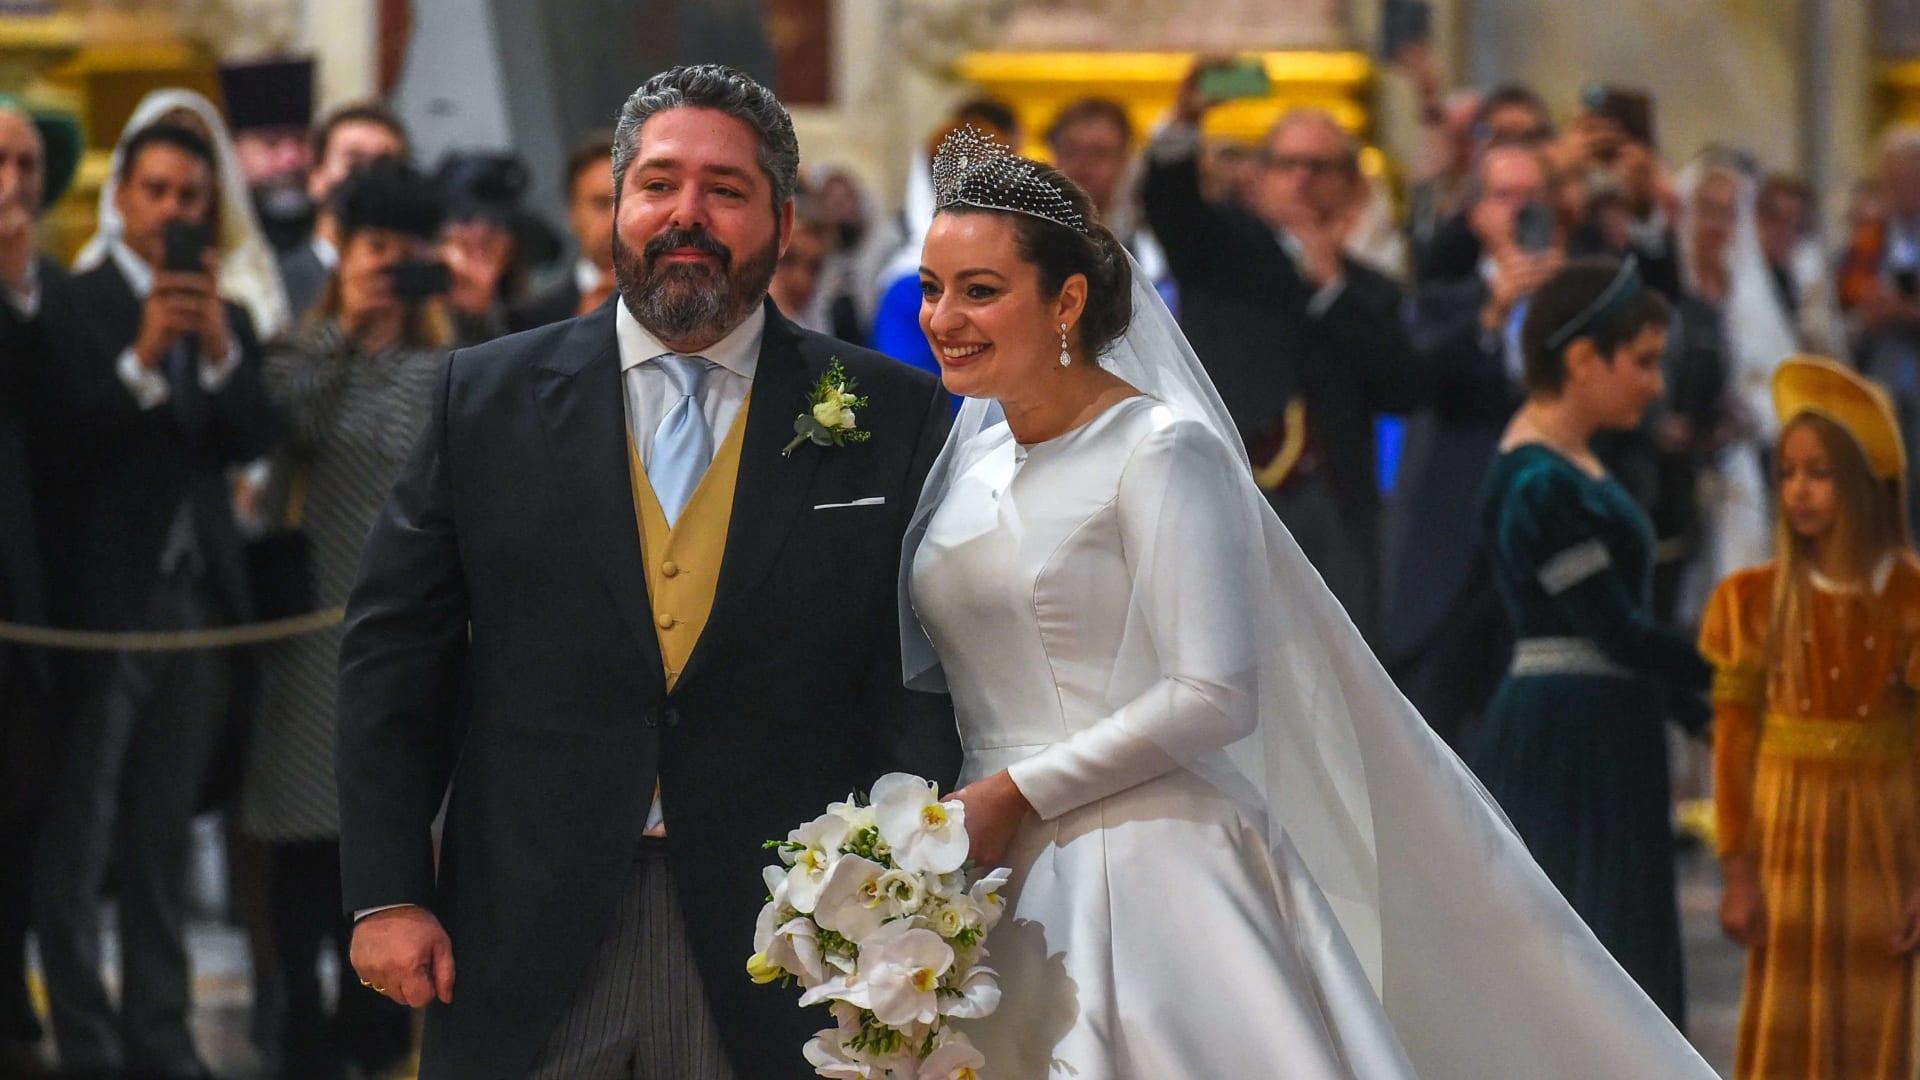 شاهد.. حفل زفاف باذخ لسليل آخر عائلة ملكية في روسيا